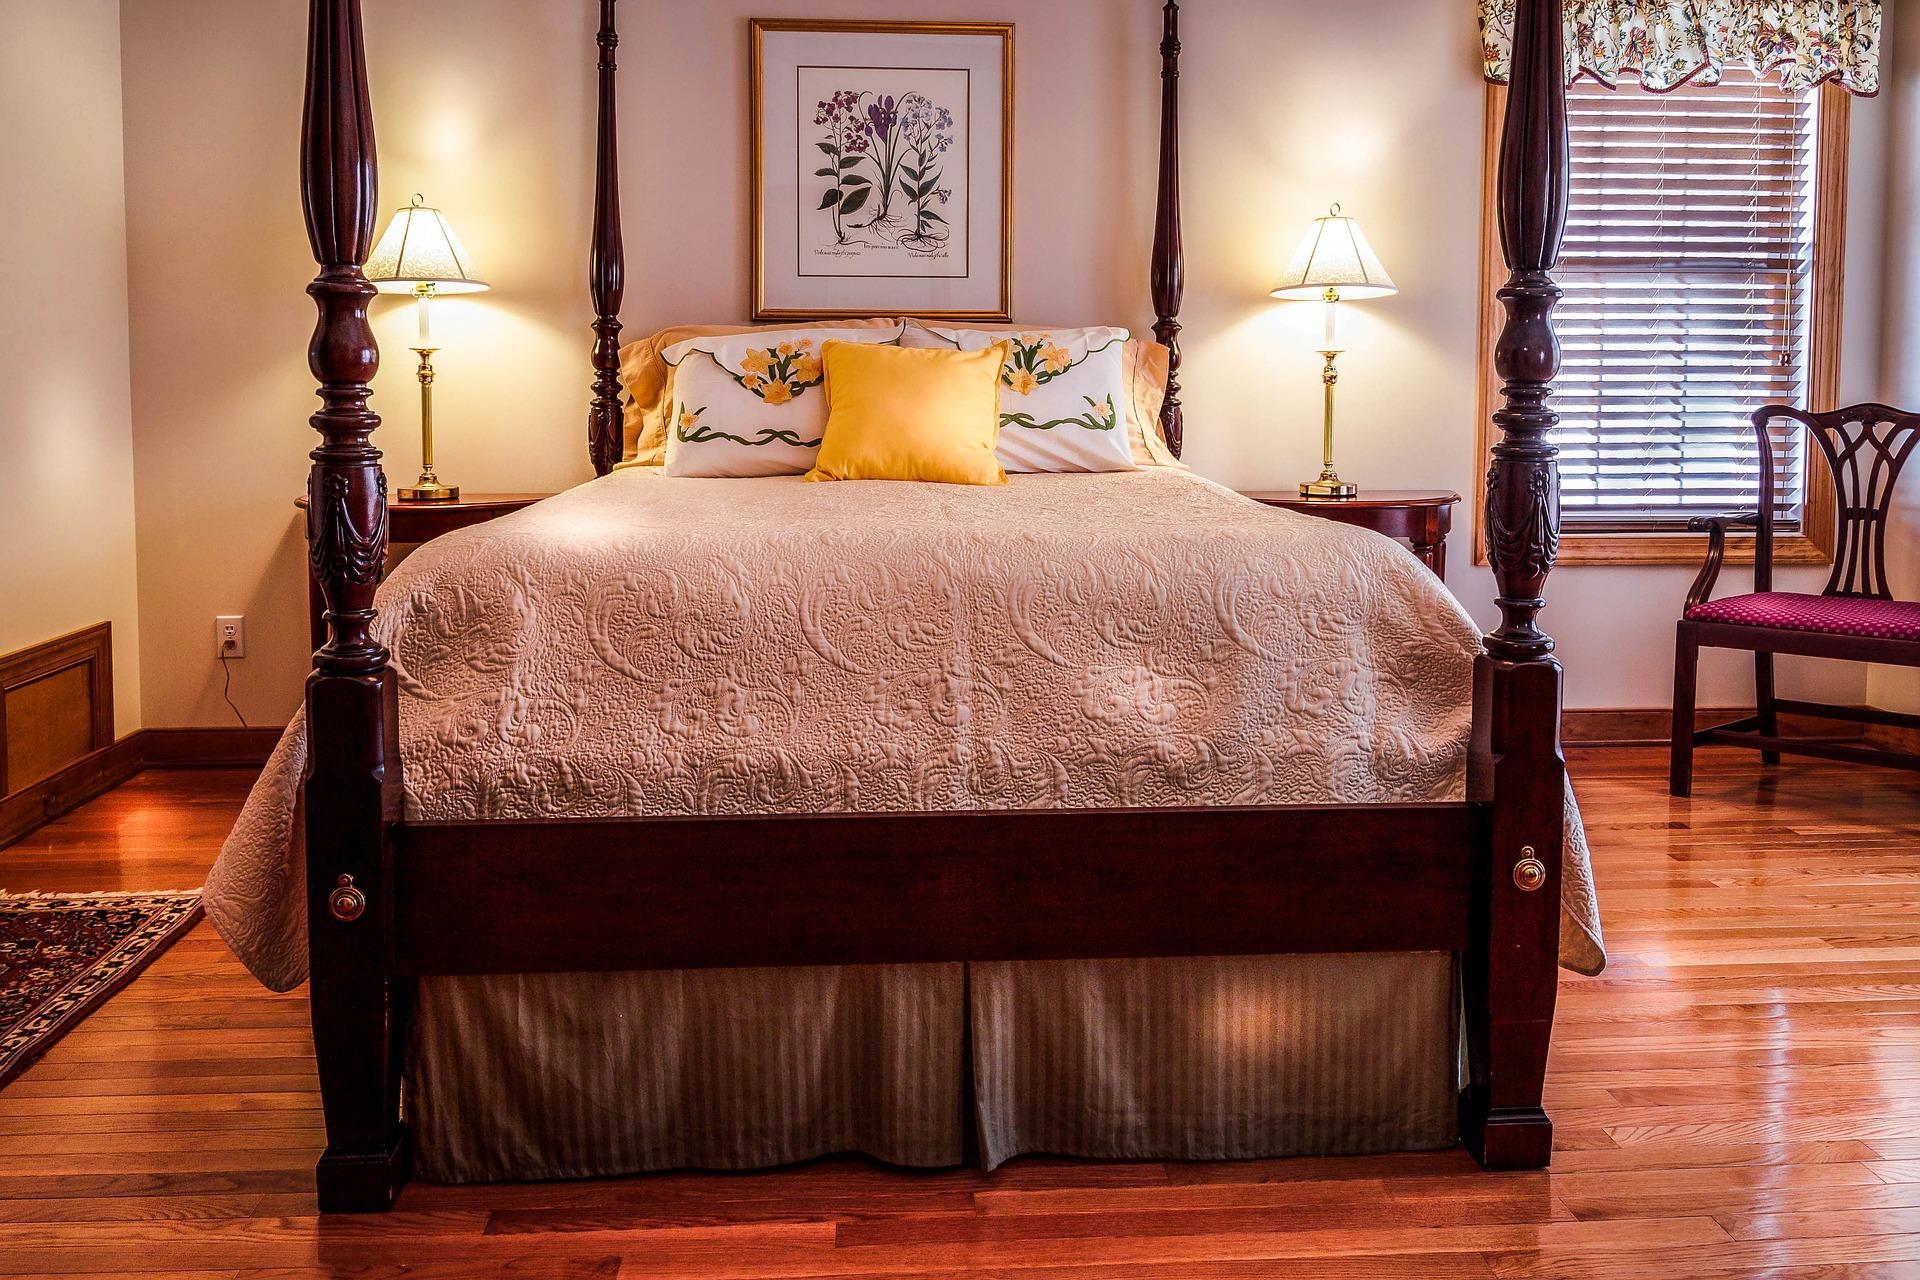 بالصور فنون في غرفة النوم , اجدد تصميمات غرف النوم 5946 9